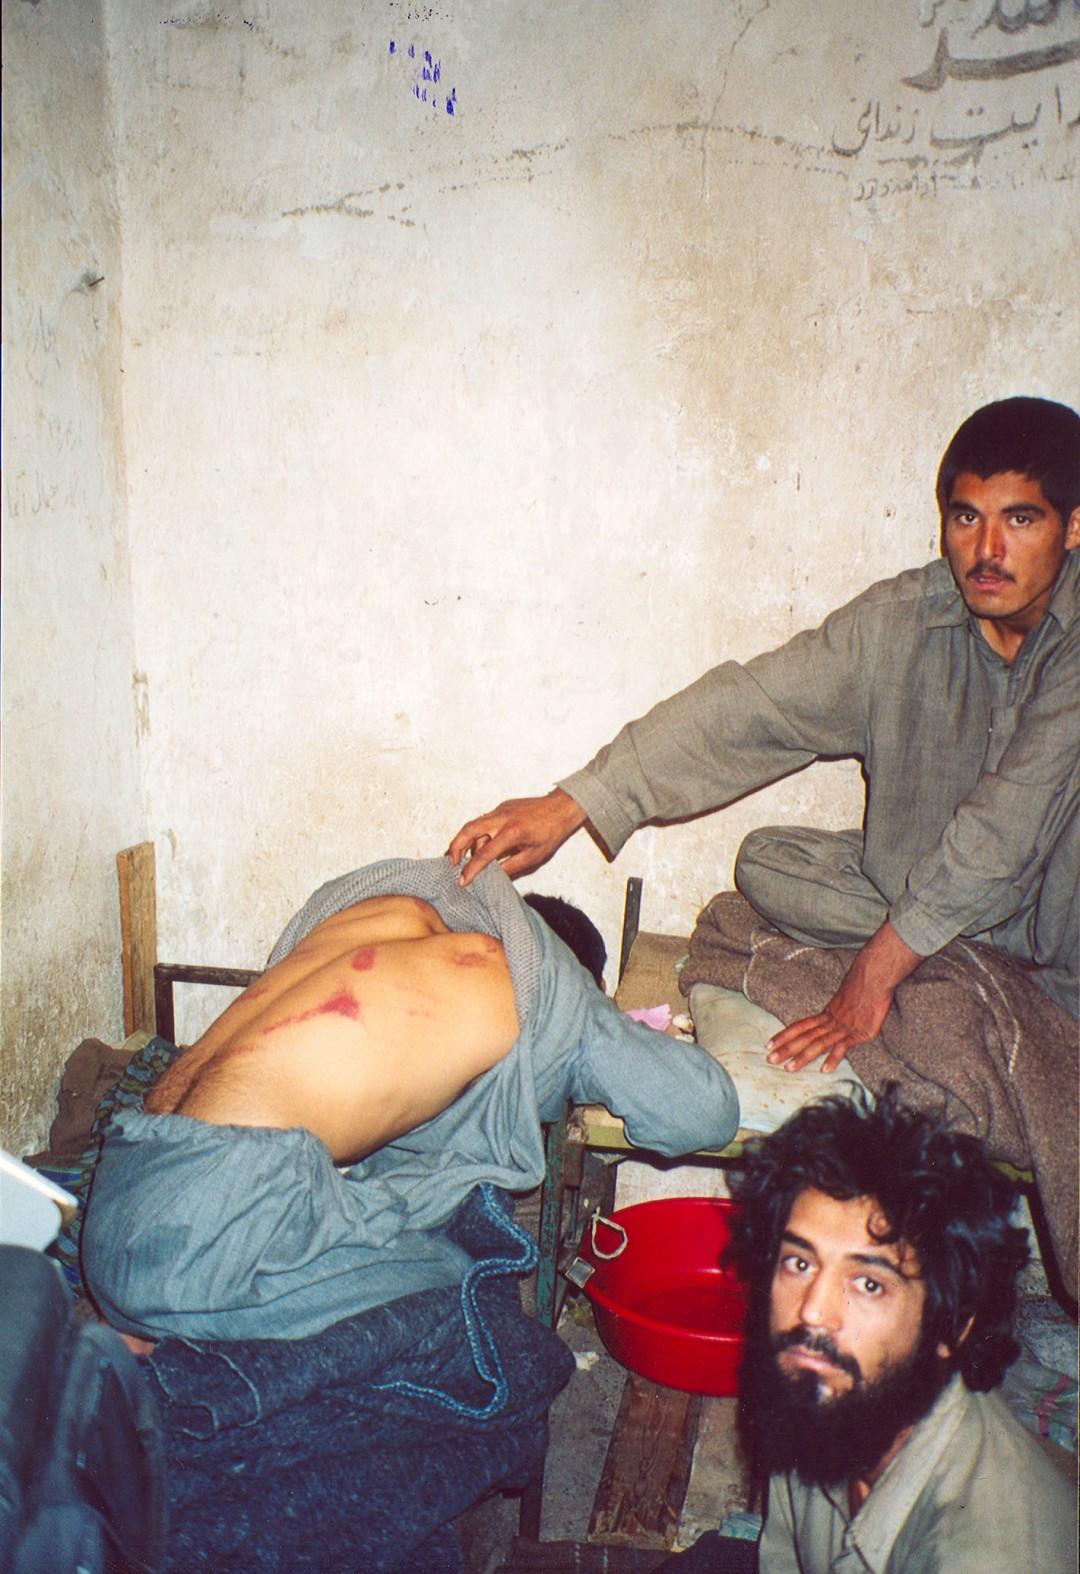 Molto prima di Abu Ghraib...